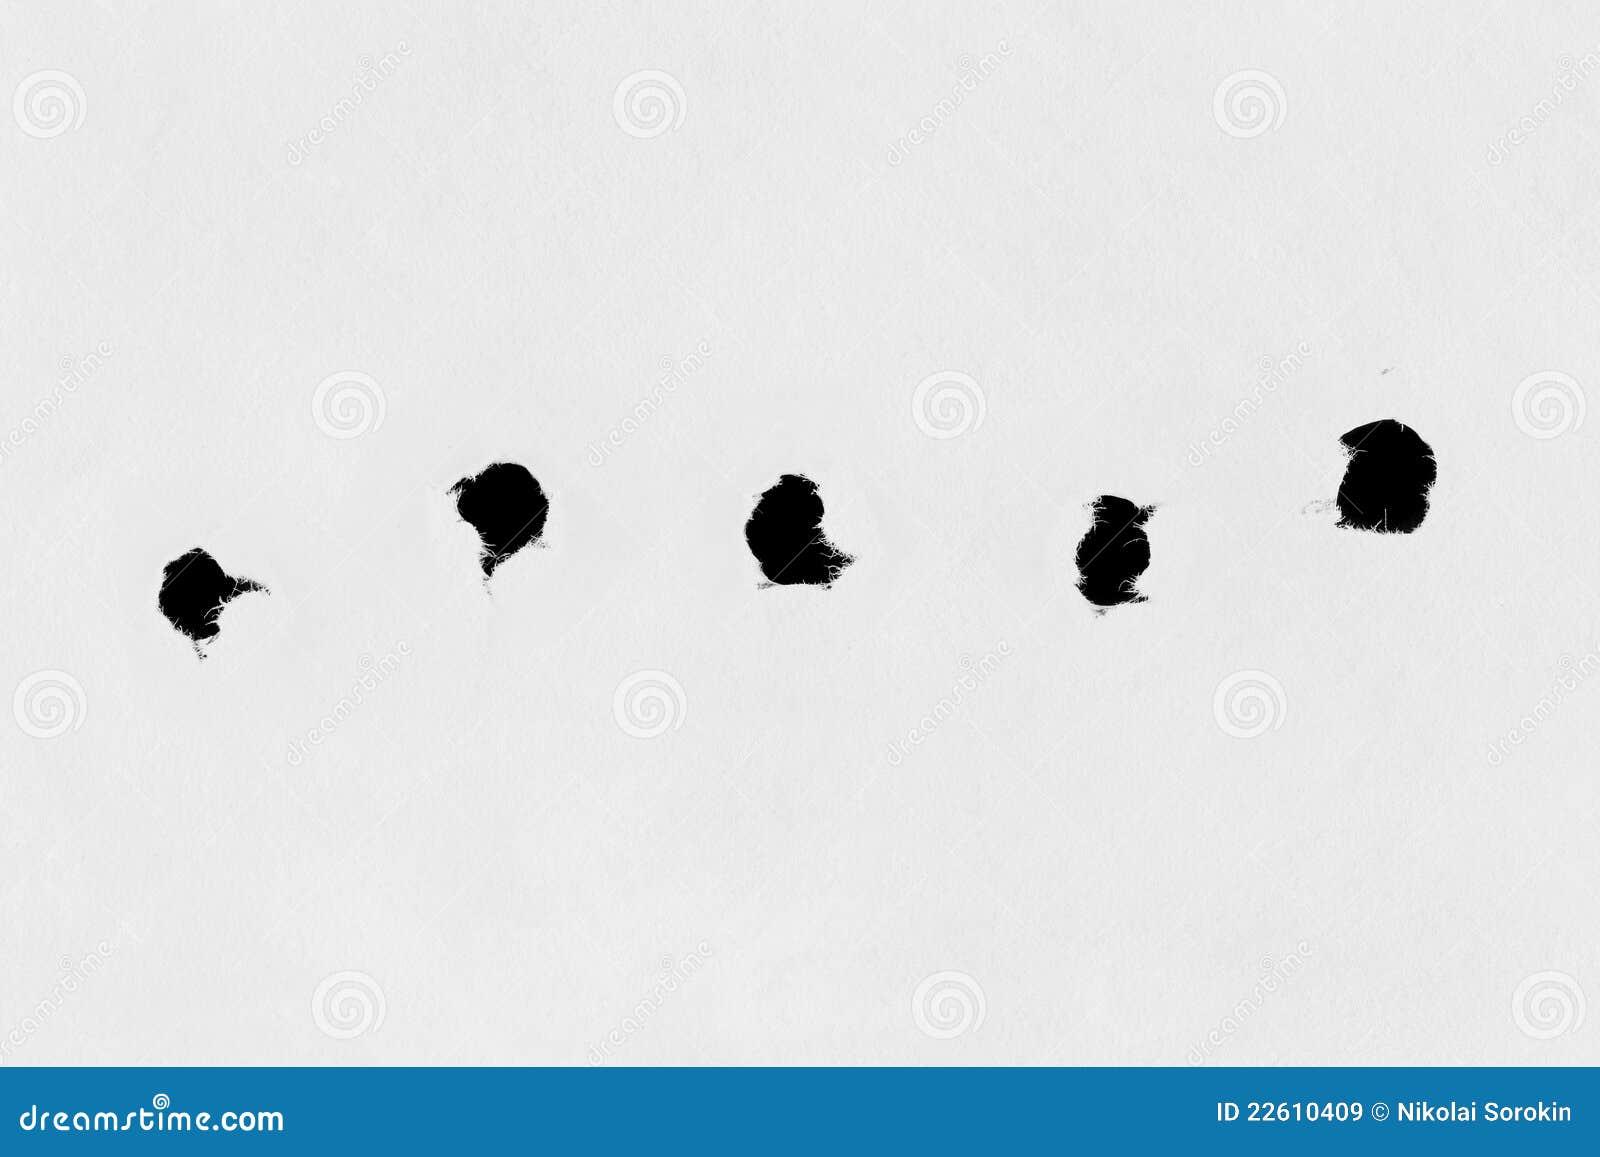 Essay on holes